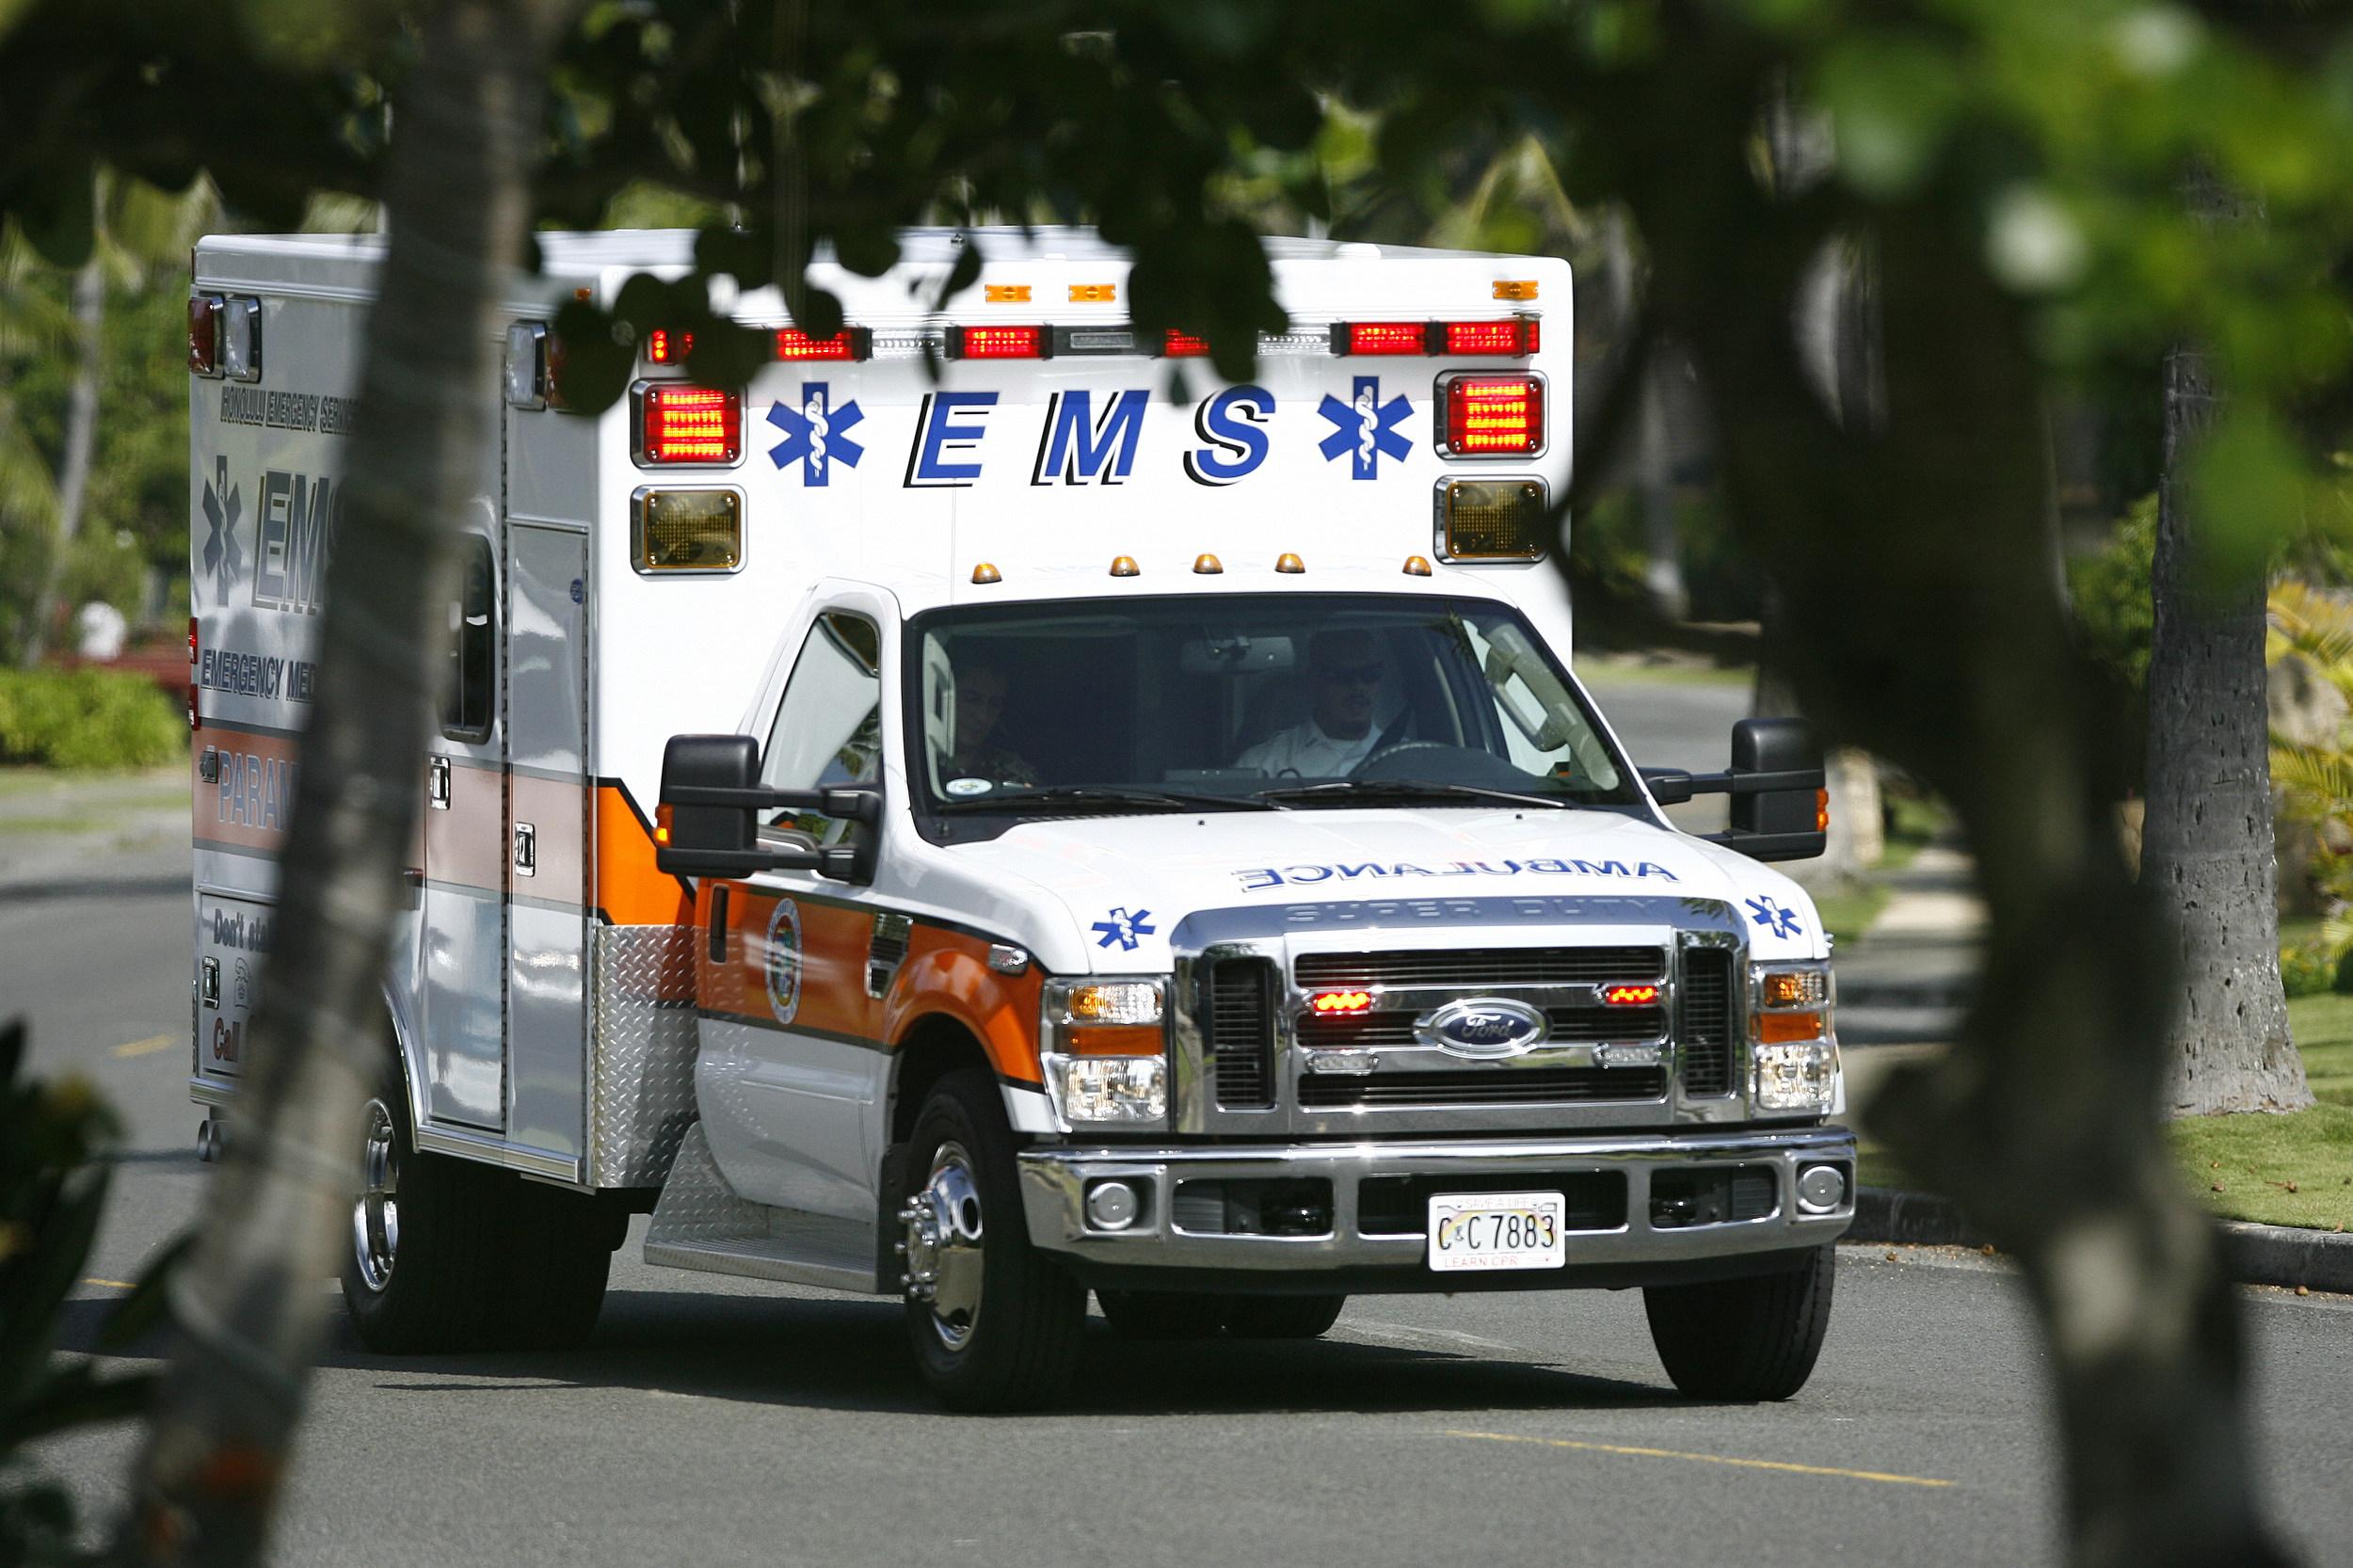 Obama Family Friend Taken To Hospital